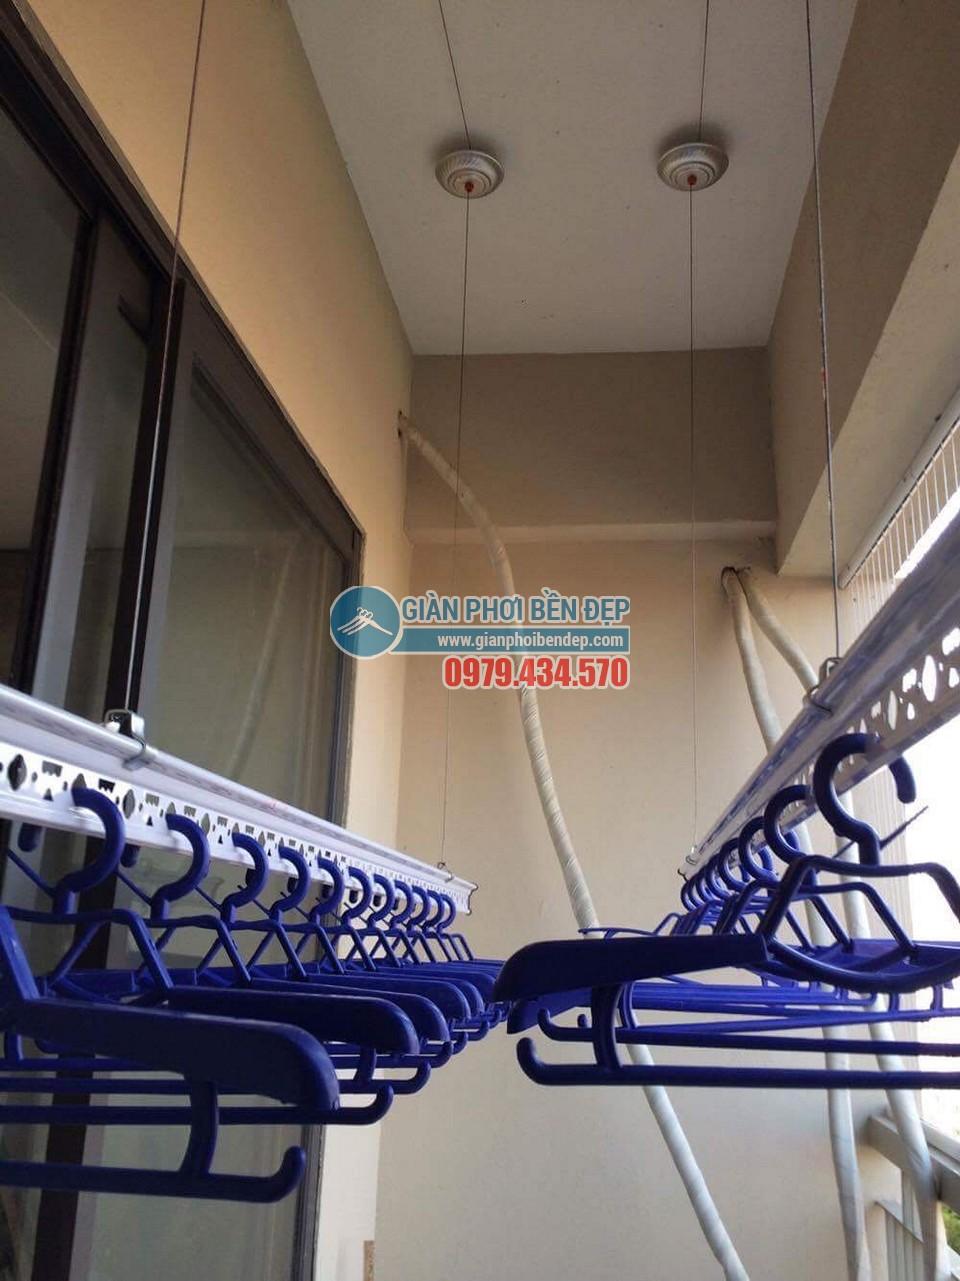 Dịch vụ sửa giàn phơi thông minh tại nhà giá rẻ nhất Hà Nội - 01